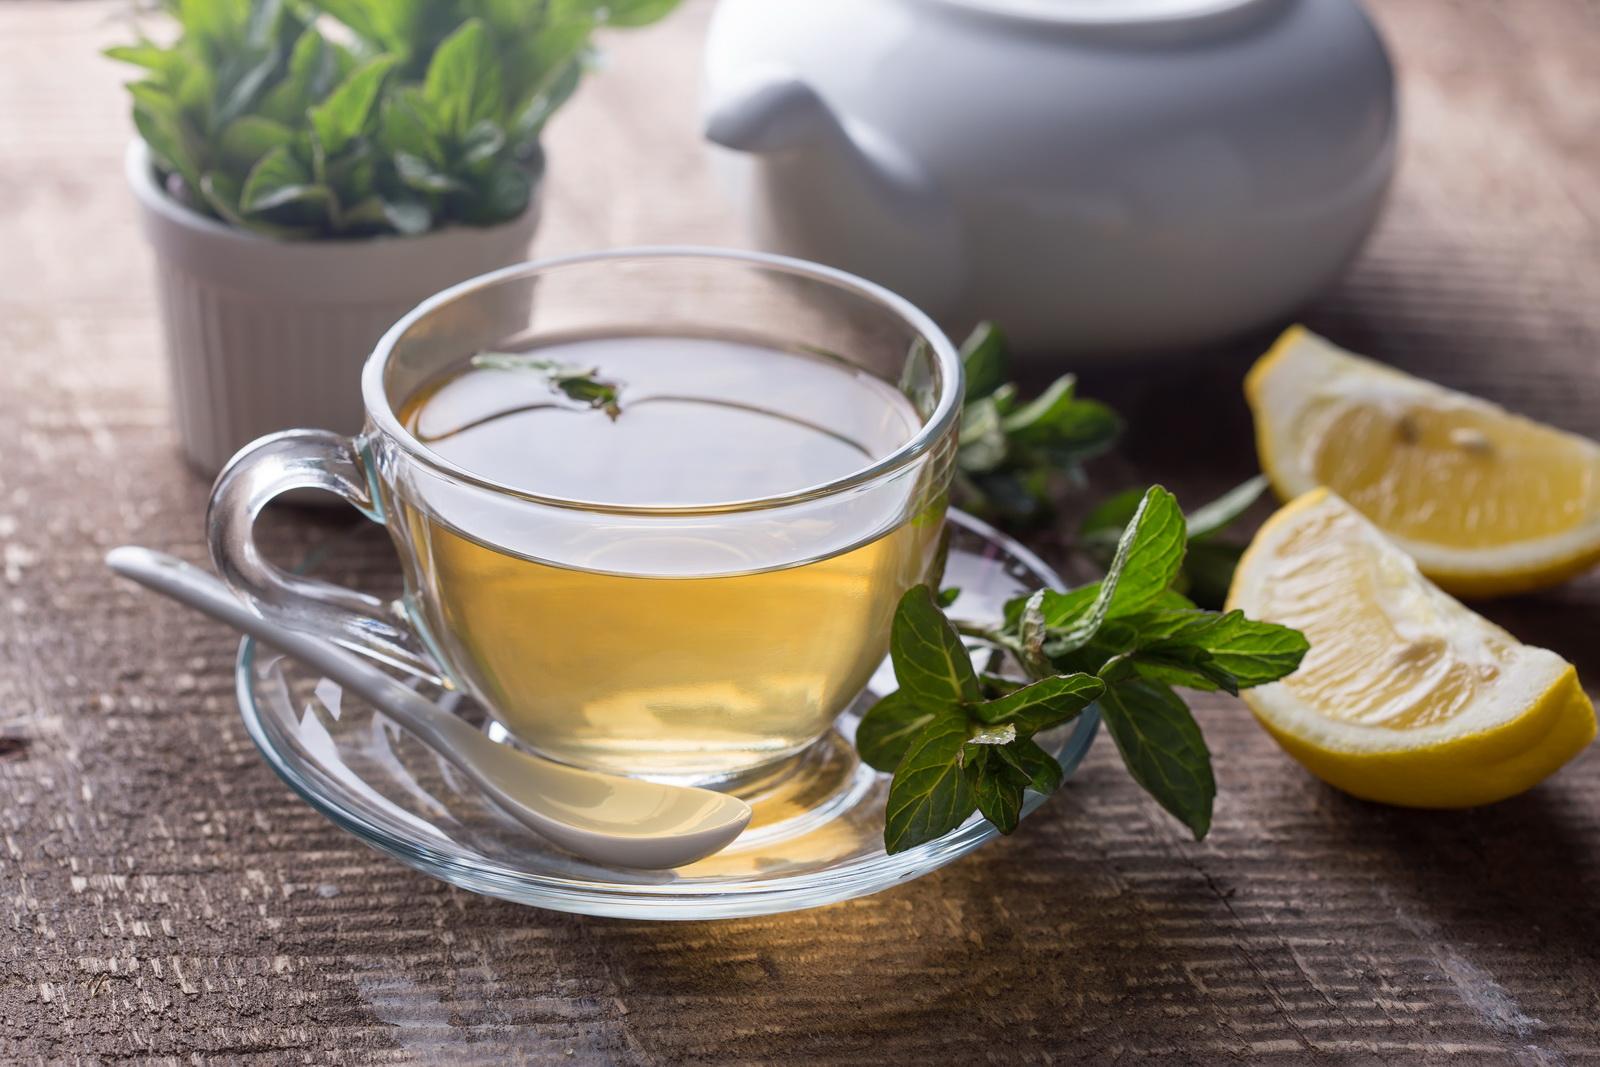 будете картинка зеленый чай с лимоном по-прежнему нравится своим